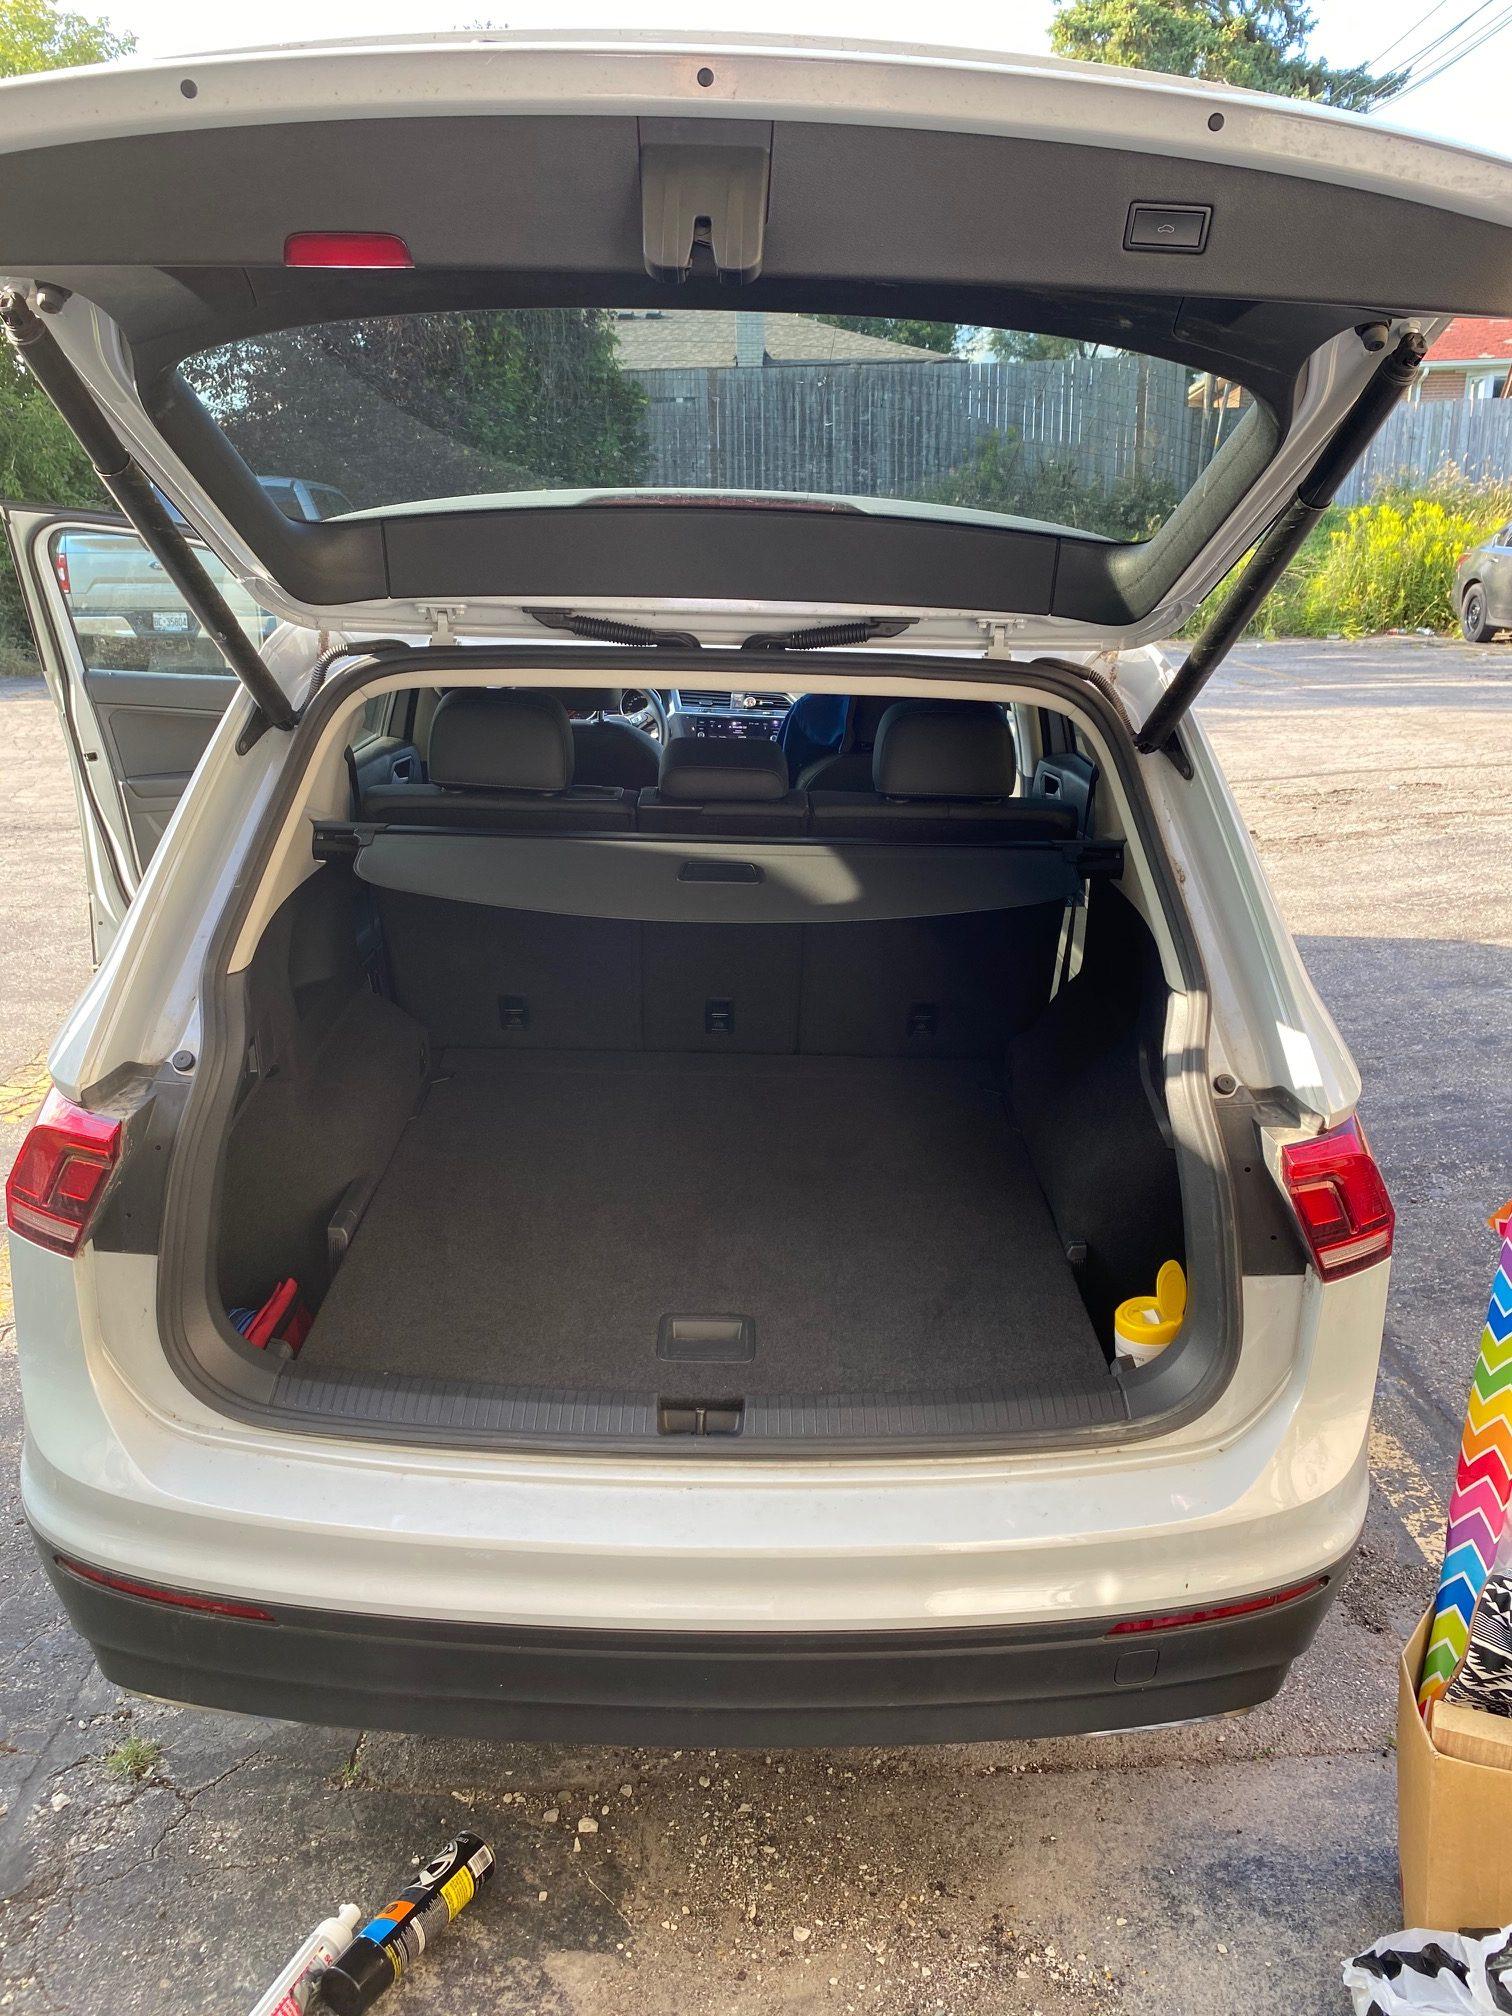 2019 volkswagen Tiguan full